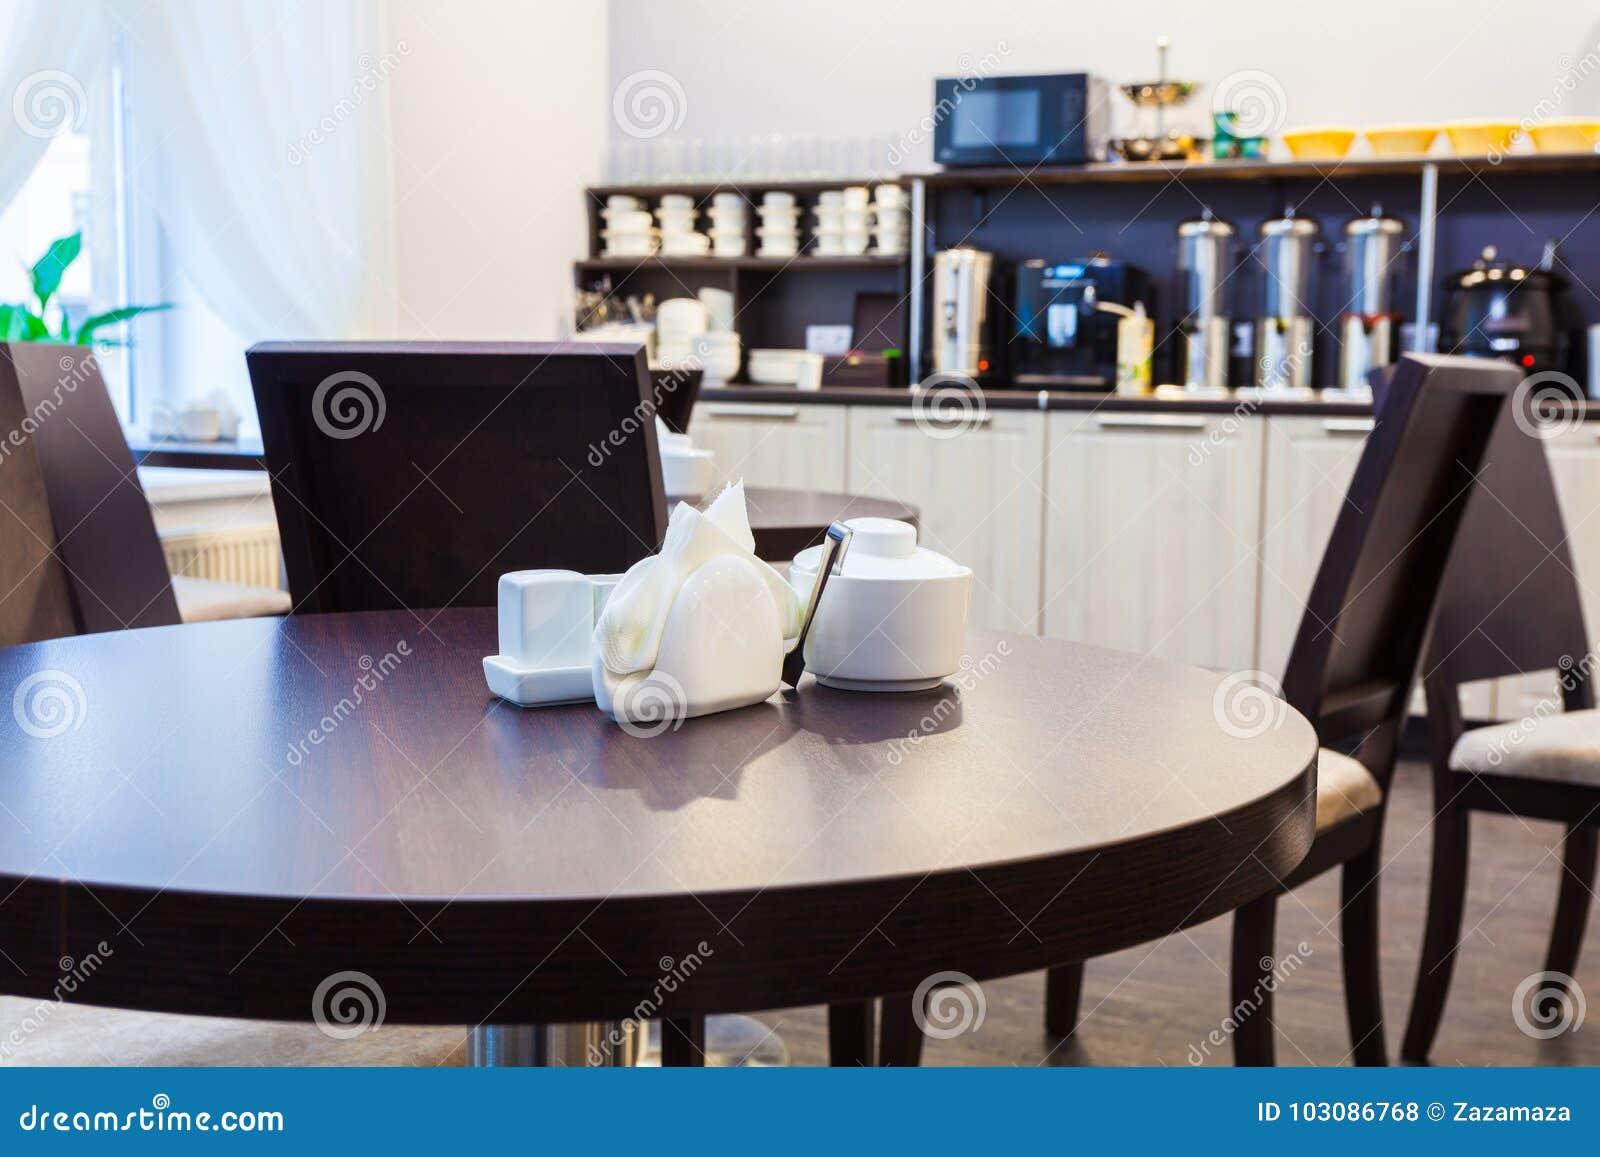 Mesa redonda e açucareiro de madeira, guardanapo, sal e pimenta no café moderno com mobília da cozinha no fundo interior